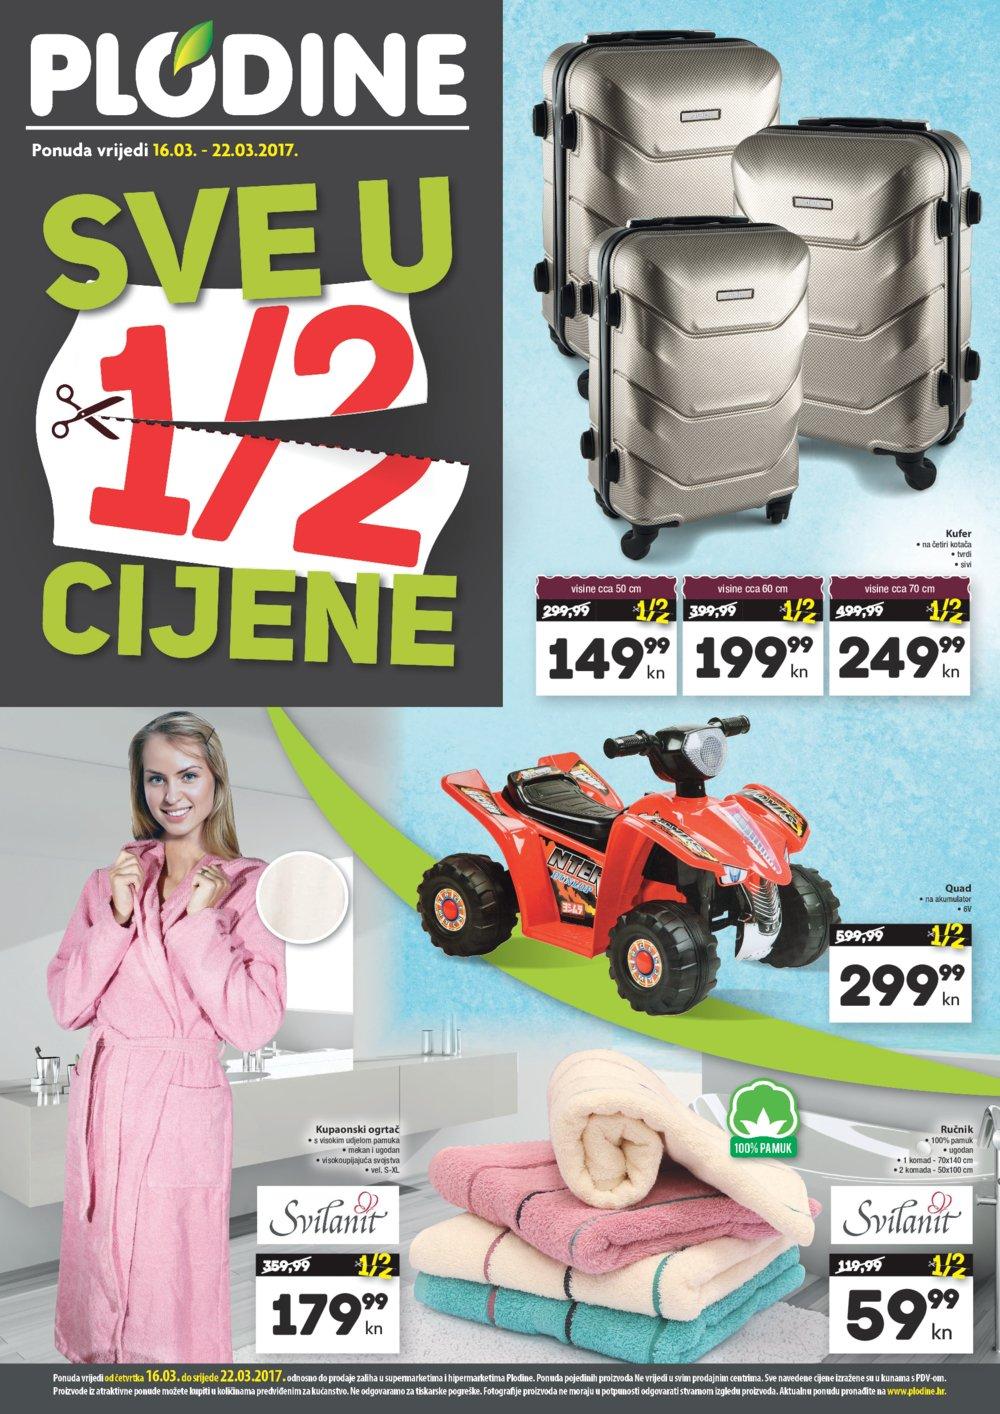 Plodine katalog Sve u pola cijene do 22.03.2017.